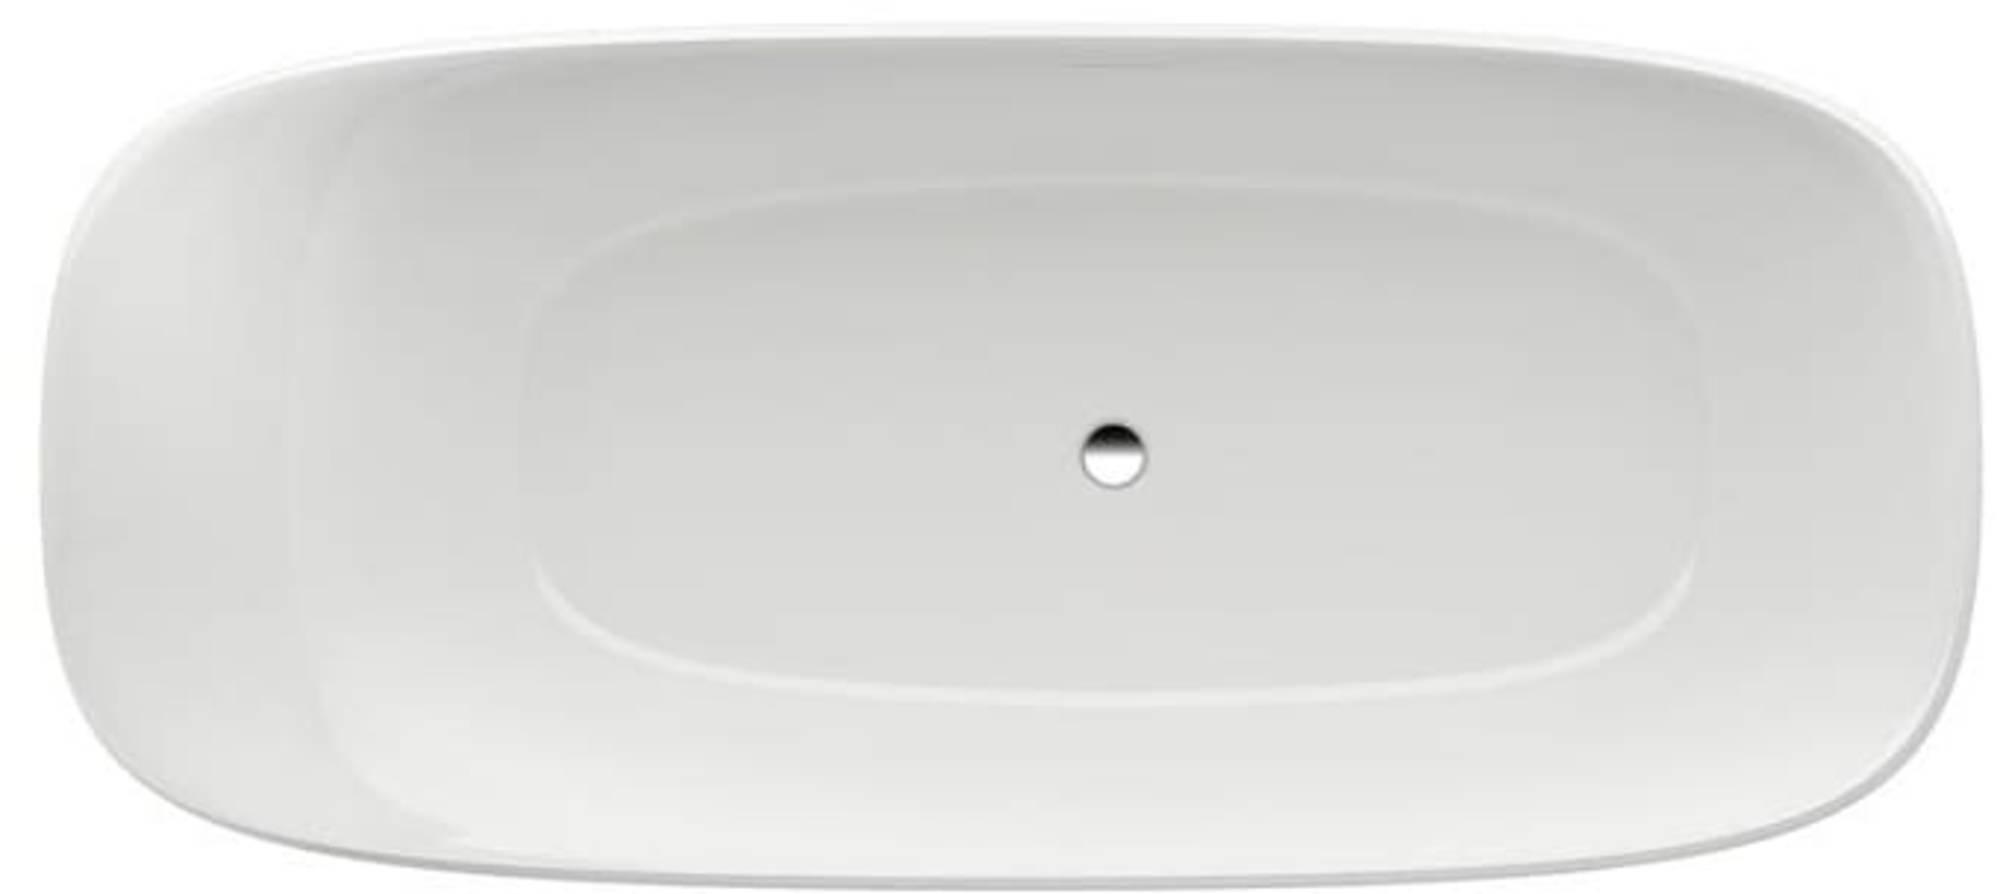 Laufen Ino bad vrijstaand ovaal 180 x 80 cm. wit